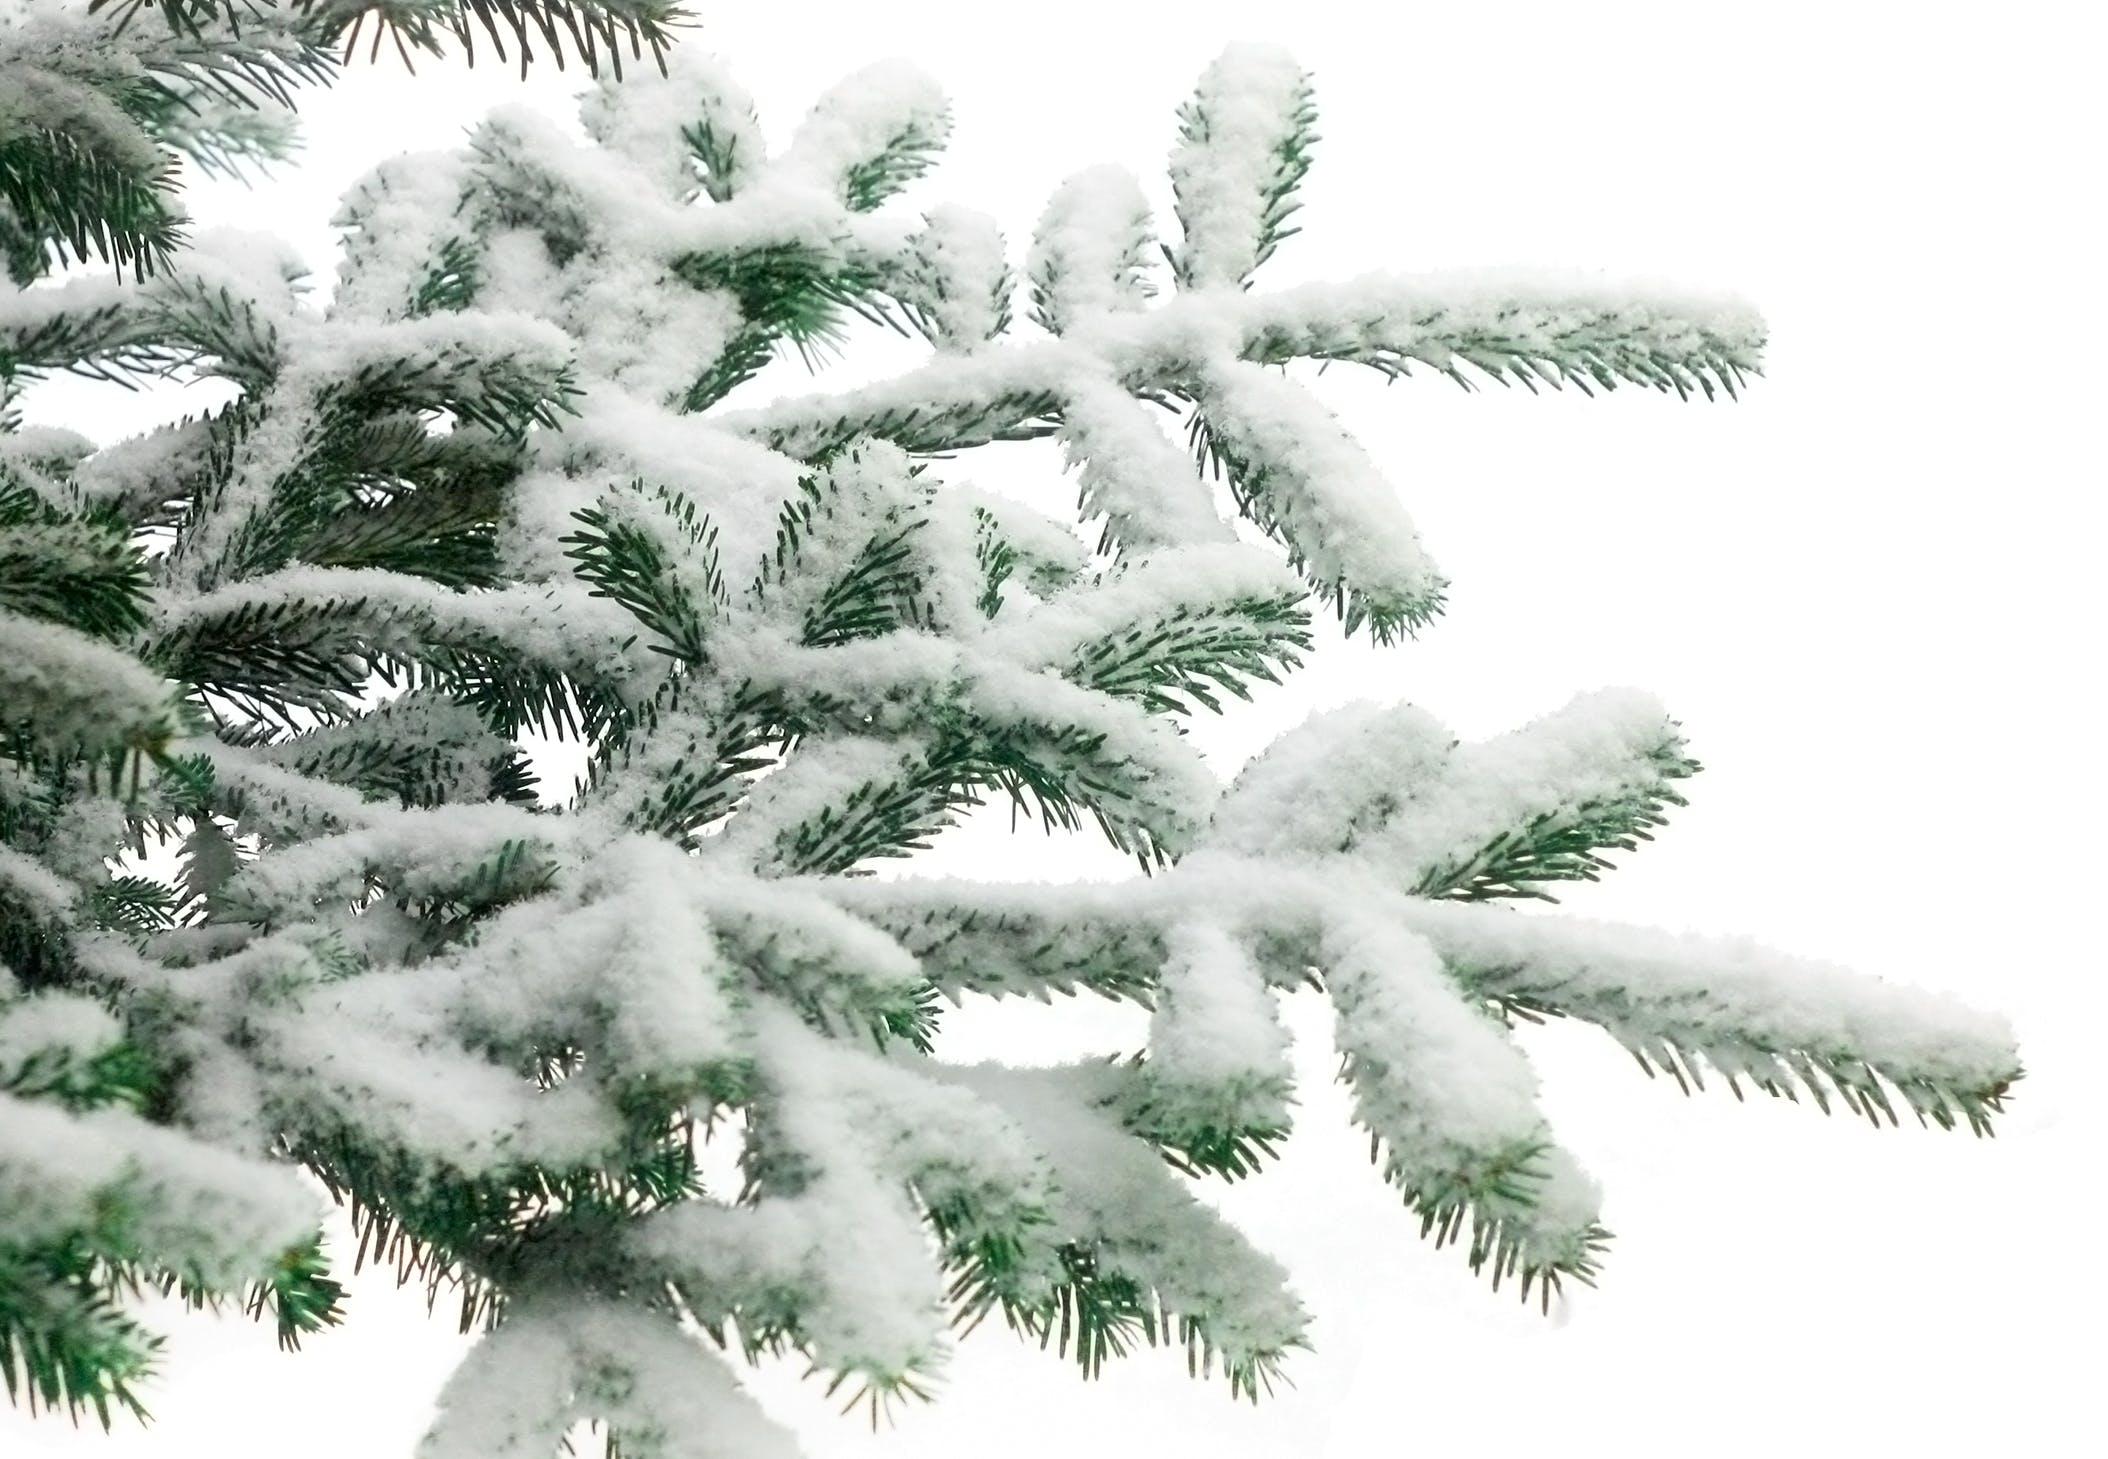 Hvor mange nåler er det på et juletre? | Illvit.no